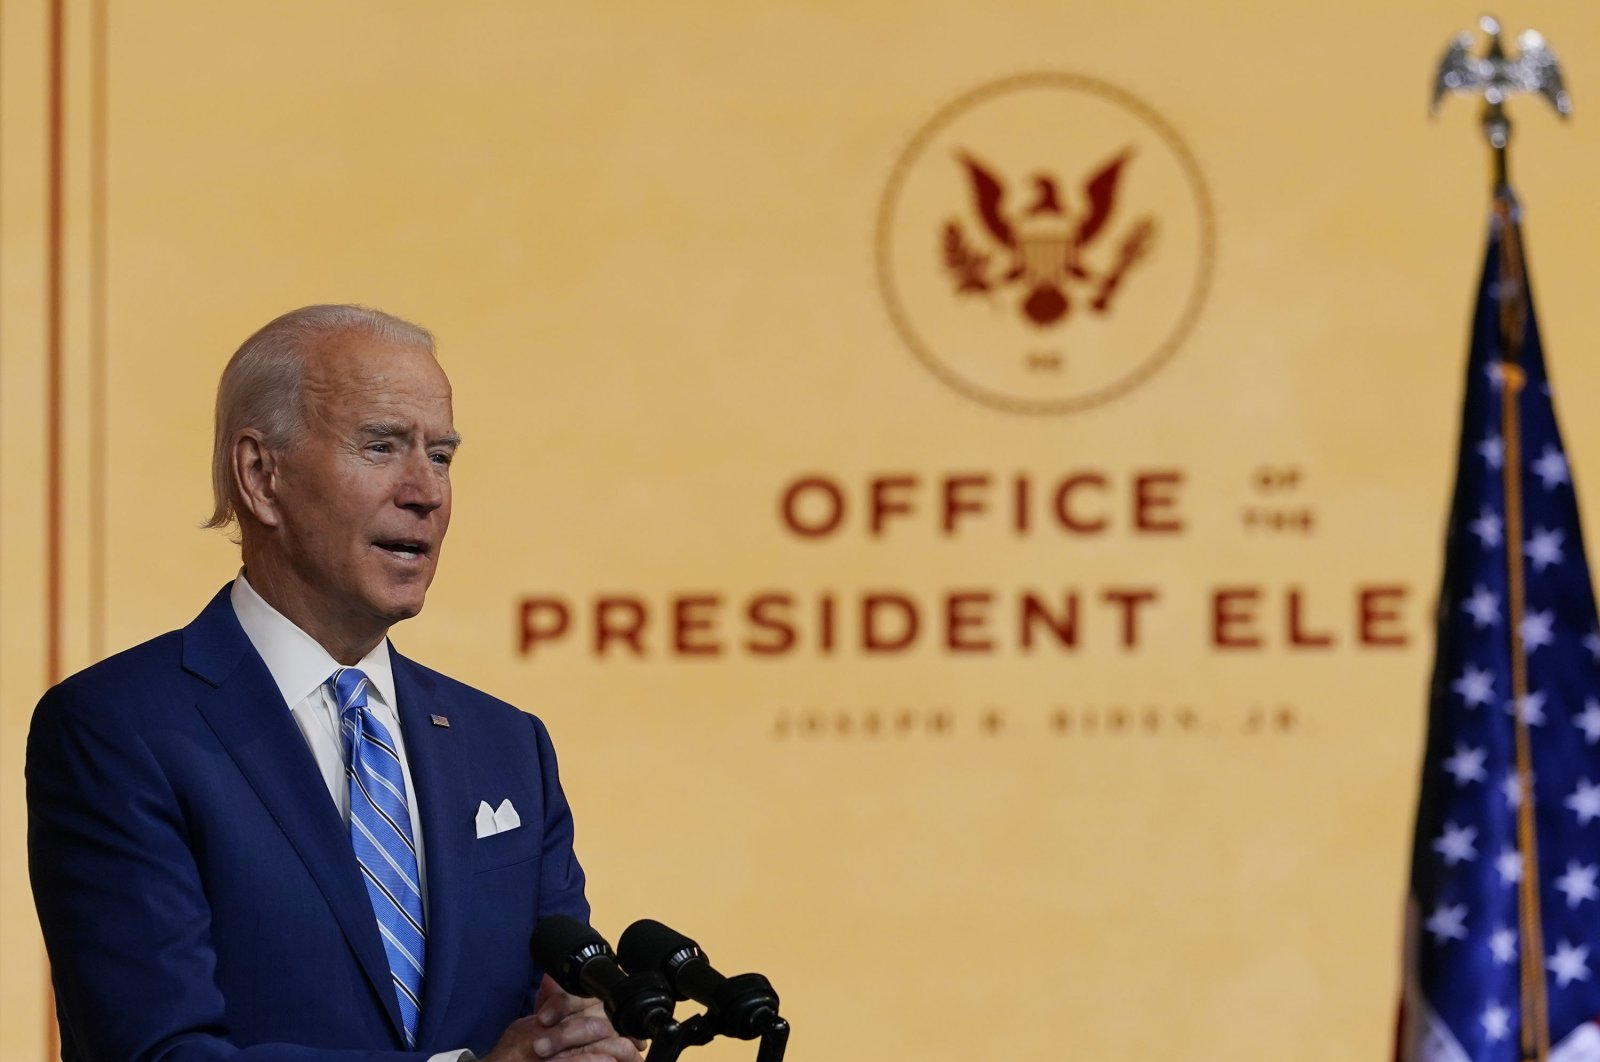 President-elect Joe Biden speaks at The Queen theater in Wilmington, Delaware, U.S., Nov. 25, 2020. (AP Photo)